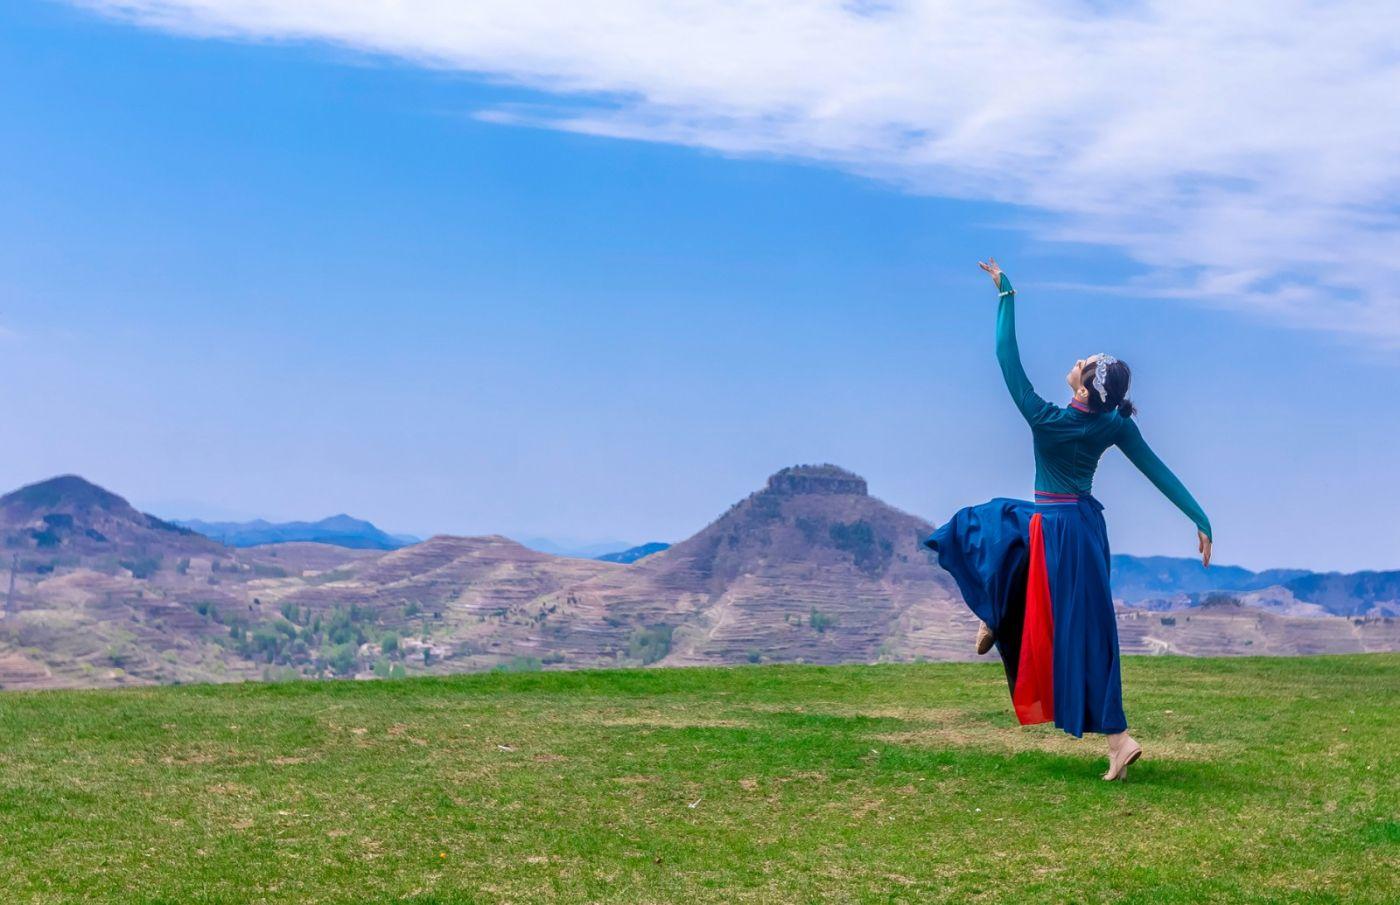 崮上草原有位女孩在翩翩起舞 她要和你邂逅在崮上花开的季节 ..._图1-11